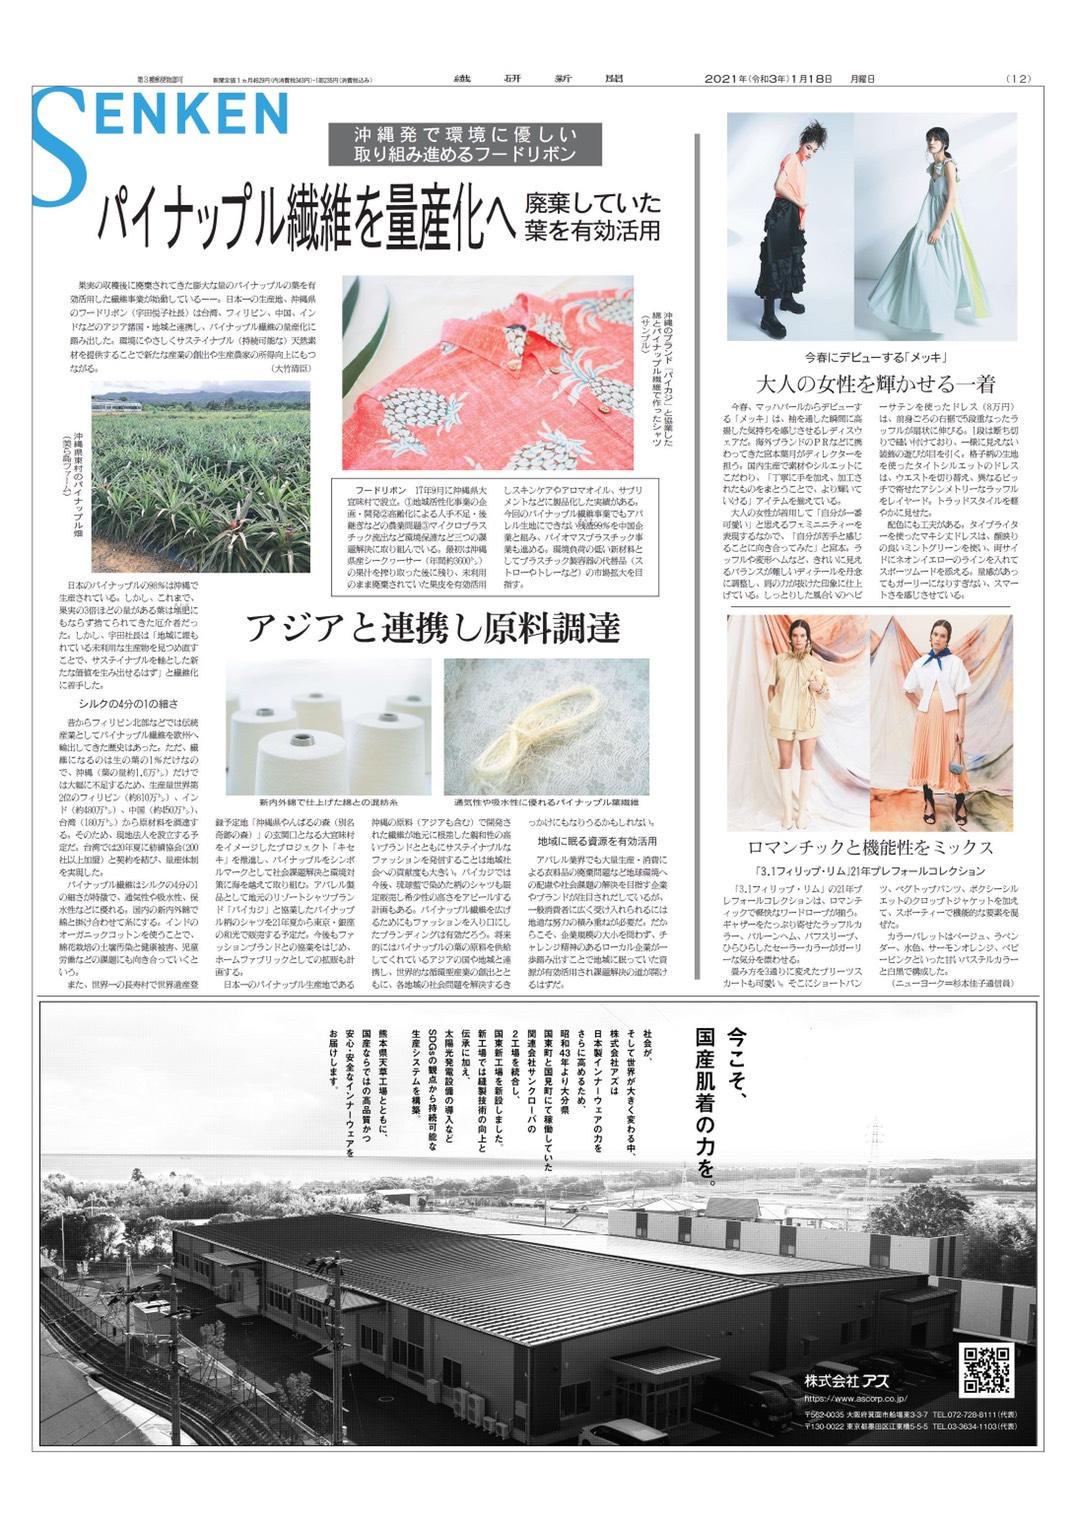 パイナップル繊維について繊研新聞に掲載されました